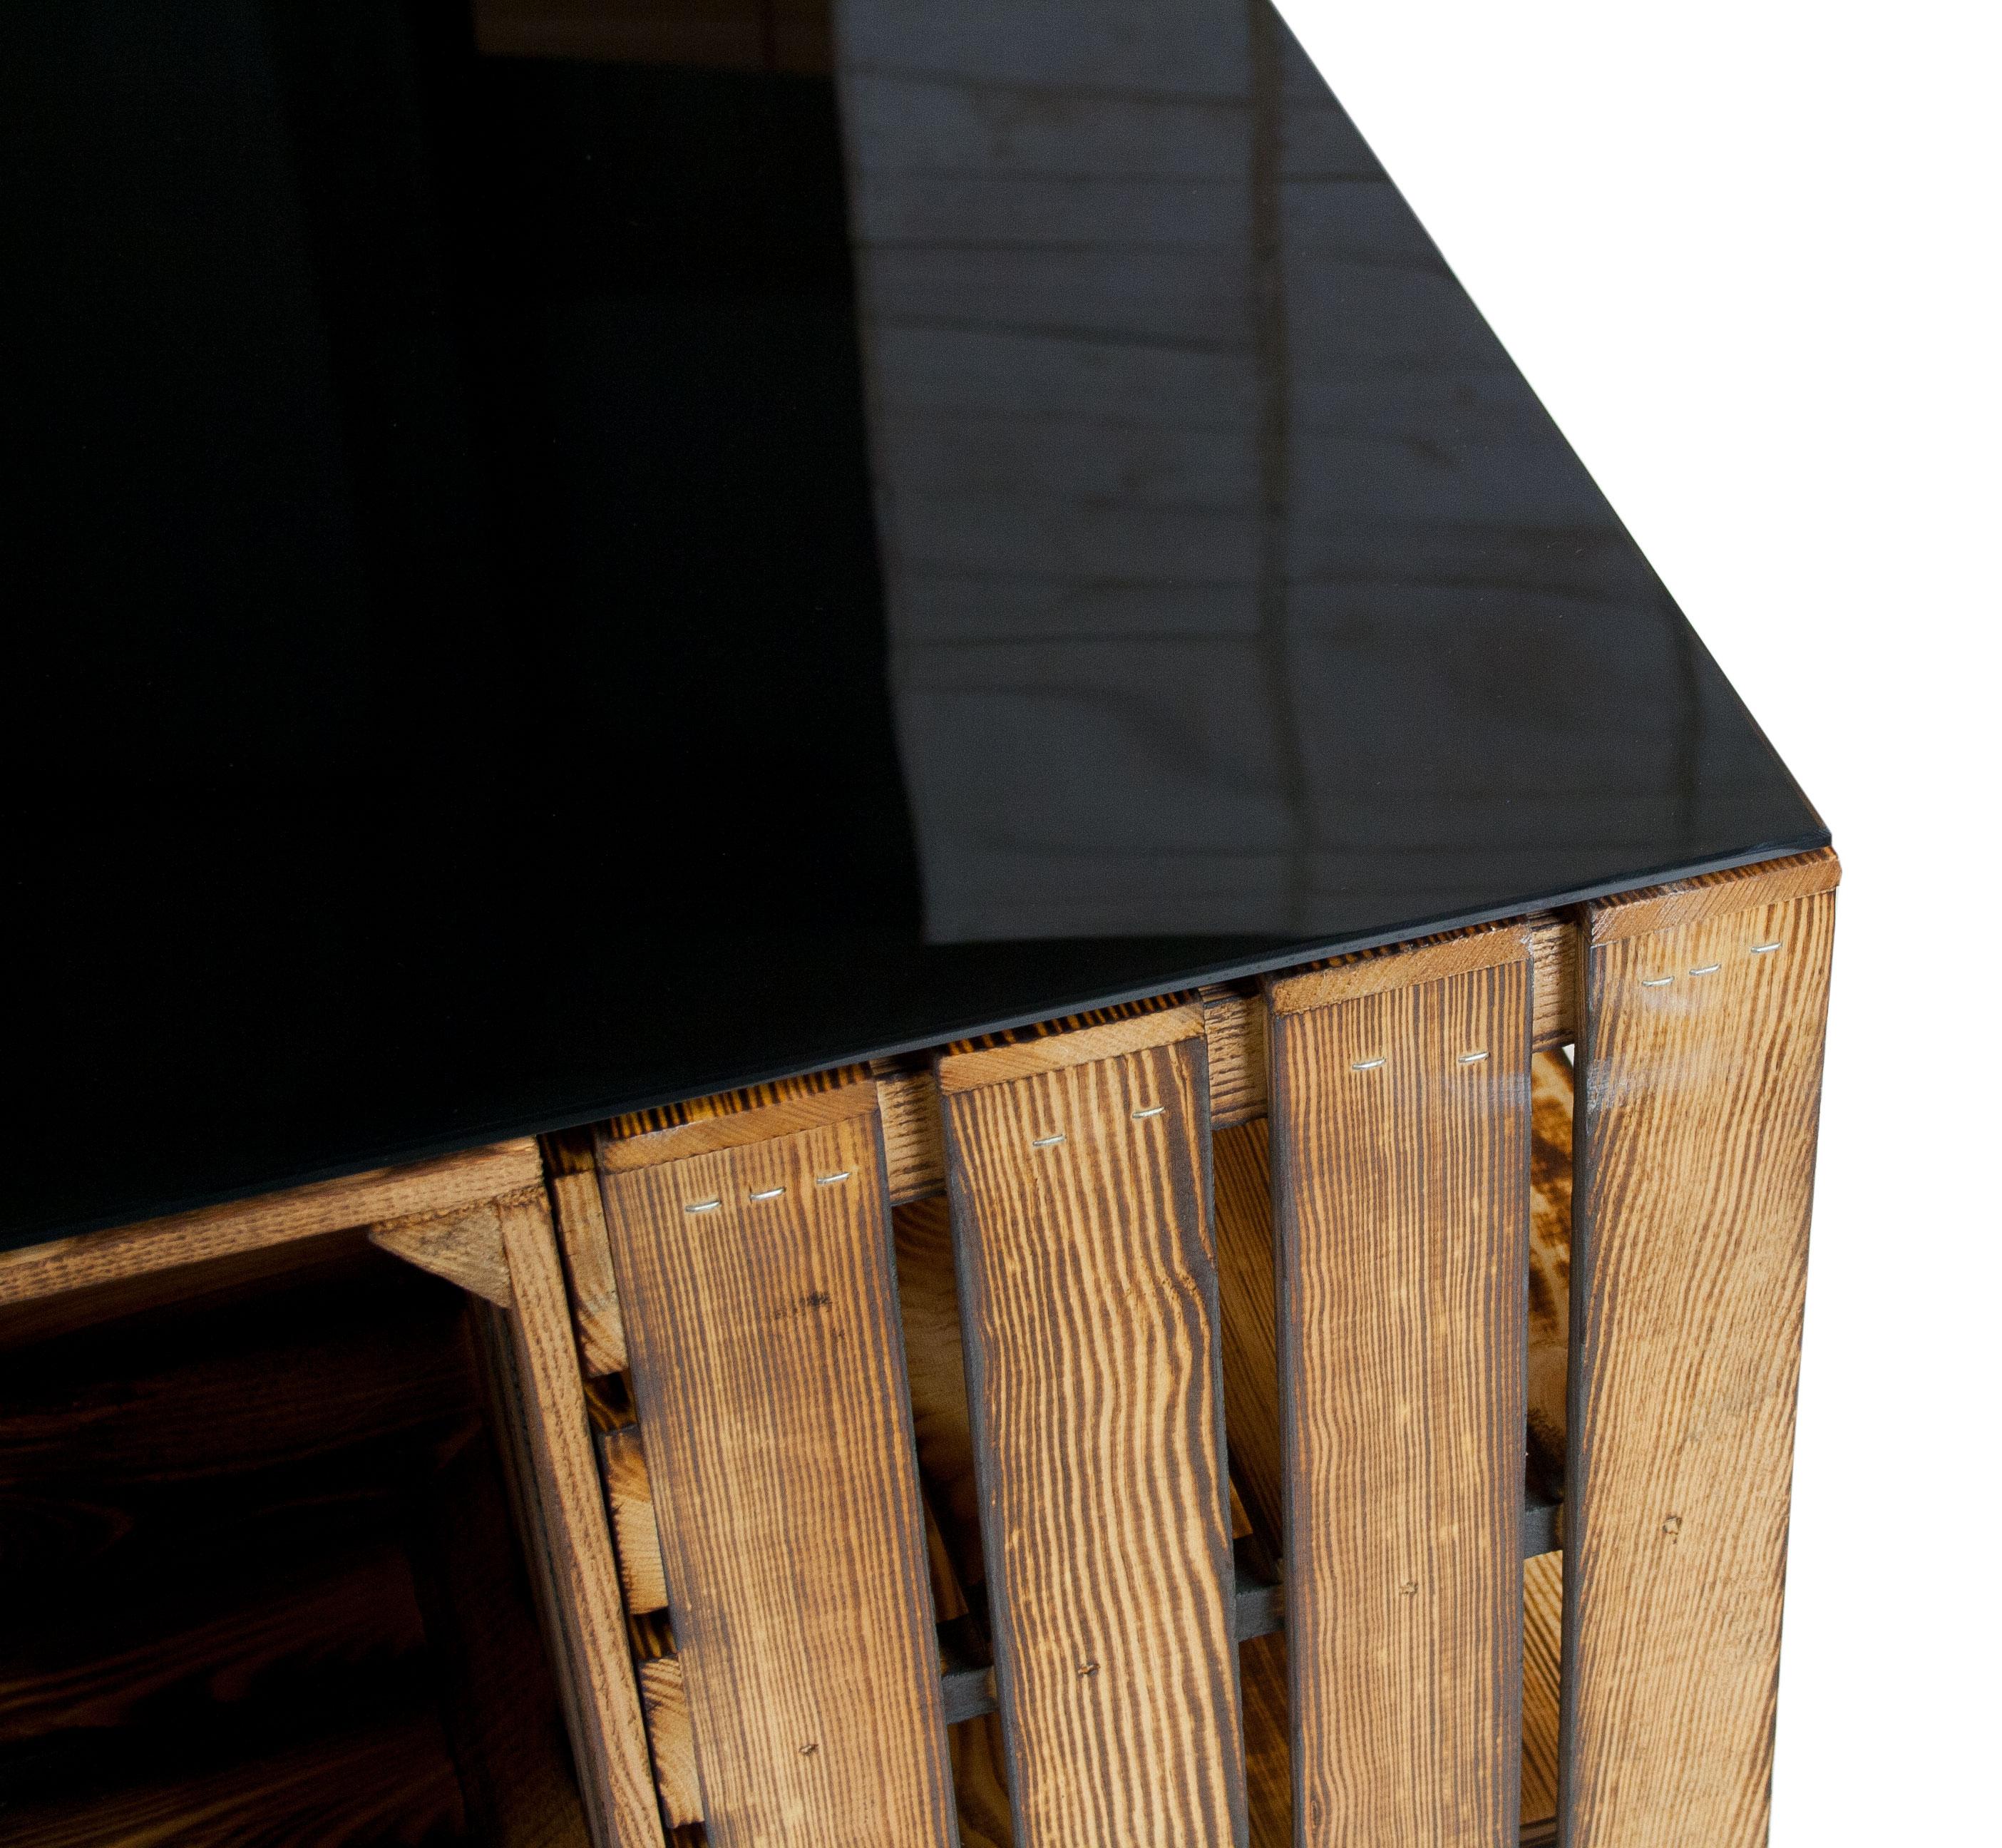 geflammter couchtisch aus apfelkisten mit rollen inkl schwarzer glasplatte 81x81x44cm. Black Bedroom Furniture Sets. Home Design Ideas